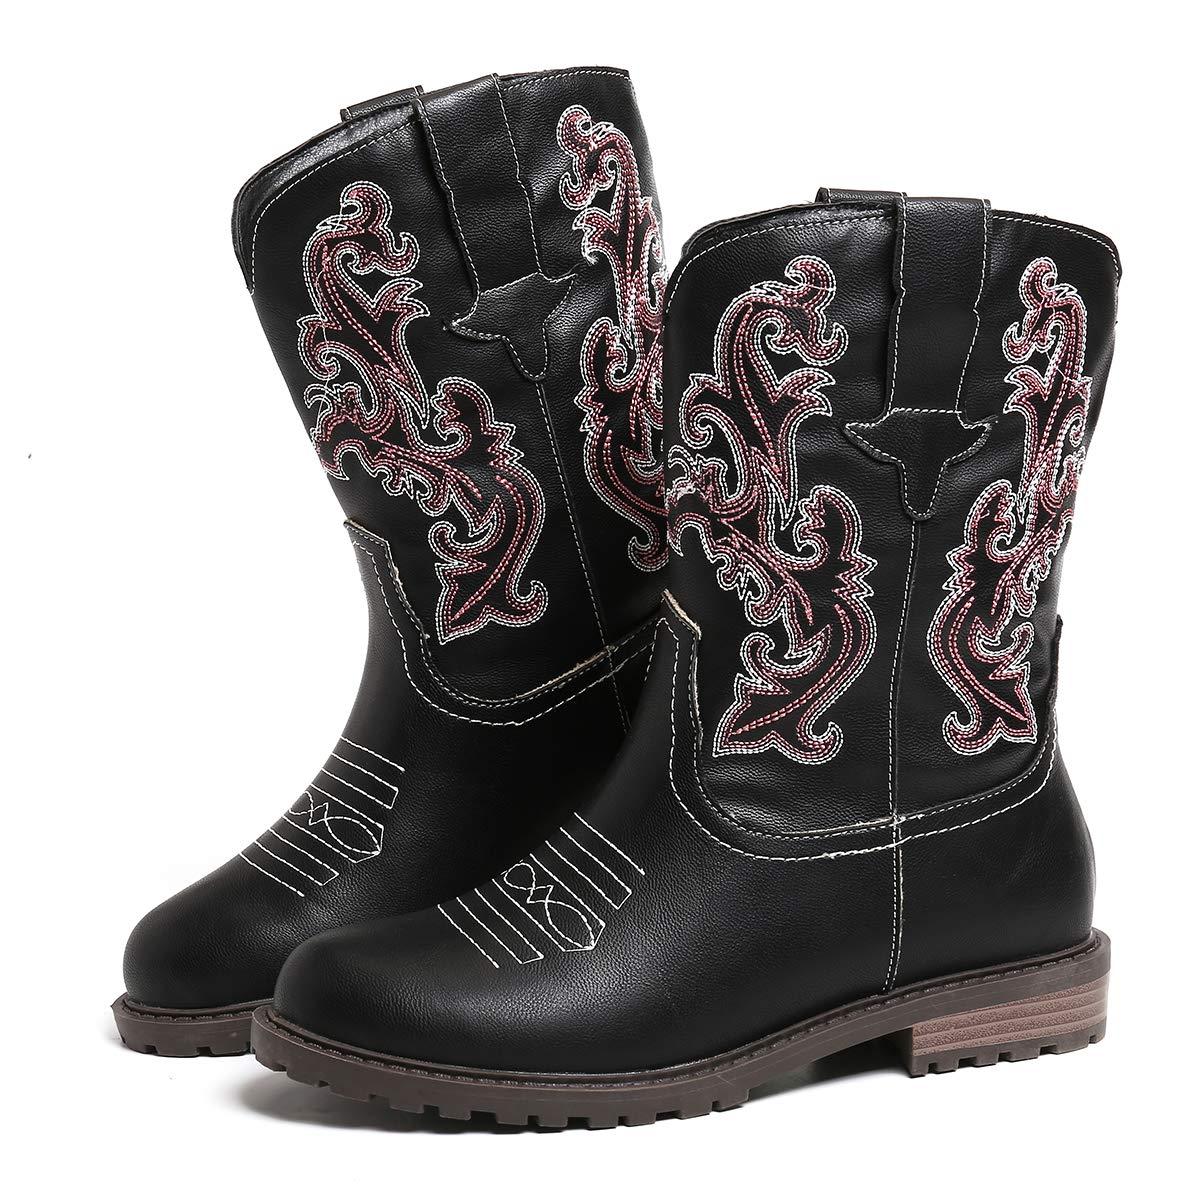 Chaussures de Ville Hiver /à Talons Plat Boots Western Cowboy en Cuir Synth/étique Bout Rond Brod/ées Marron Noir Gris pour Pieds Larges Mollets Camfosy Bottines Santiags Femme